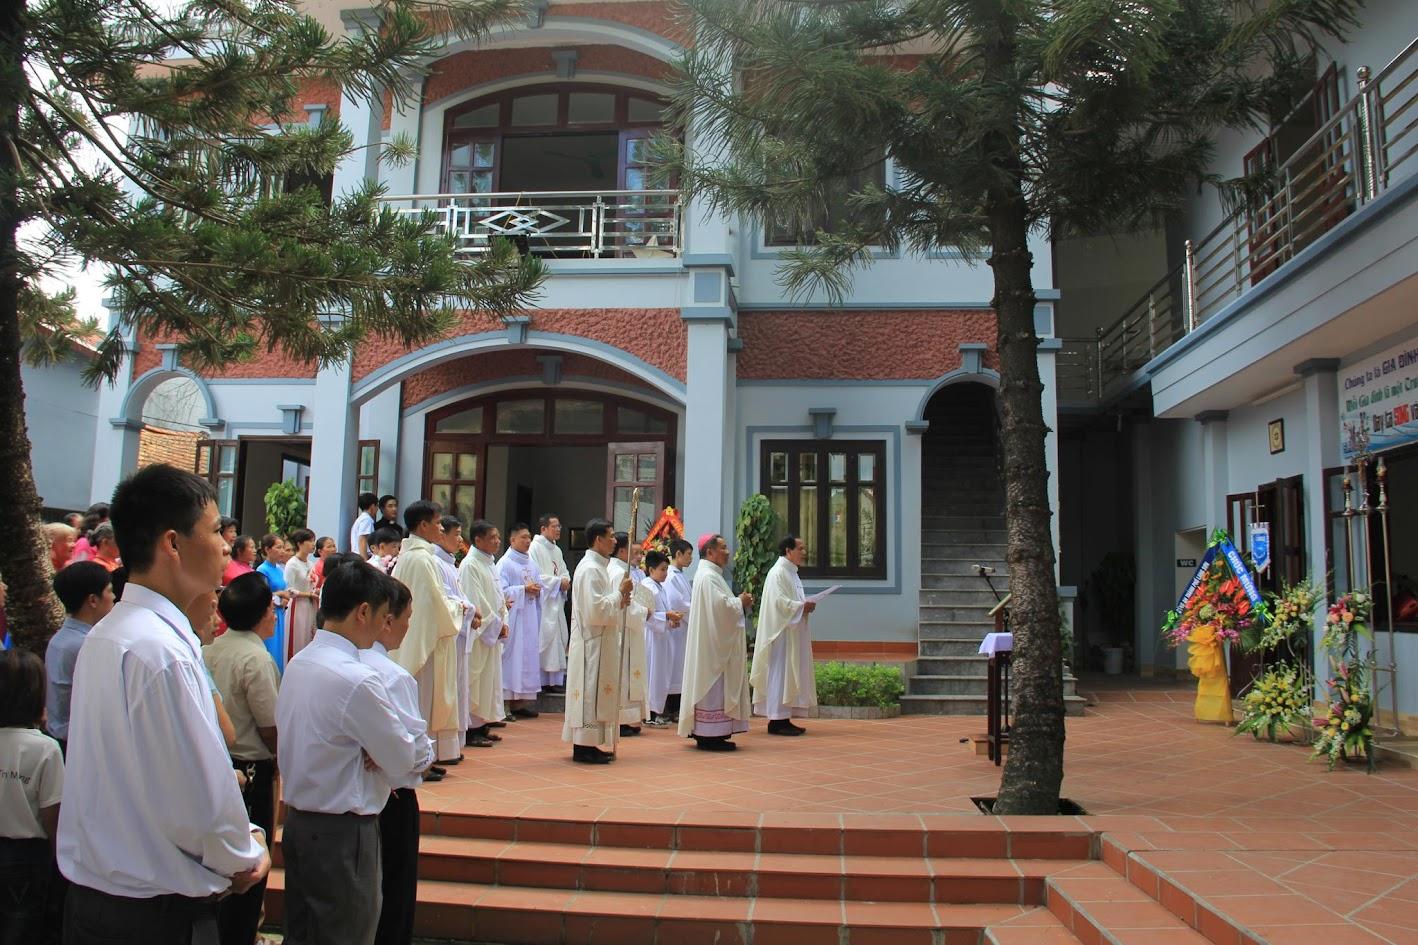 Giáo xứ Ngạn Sơn: Thánh lễ Bổn mạng và Làm phép Nhà mới - Ảnh minh hoạ 5